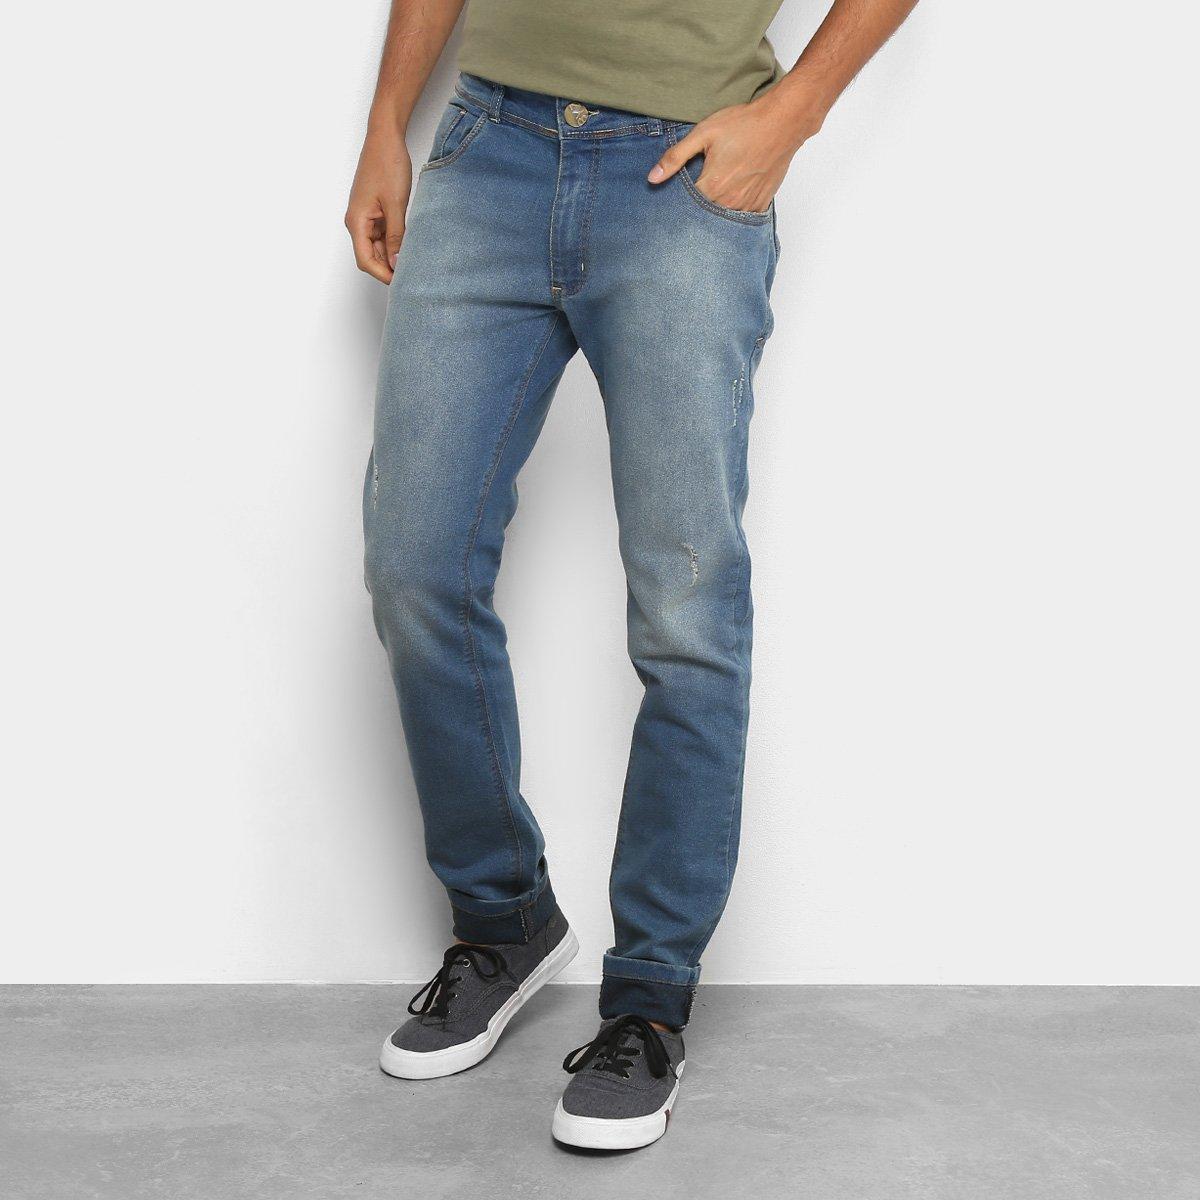 Calça Jeans Coffe Slim Lavegem Clara Esverdeada Masculina a423939d05689